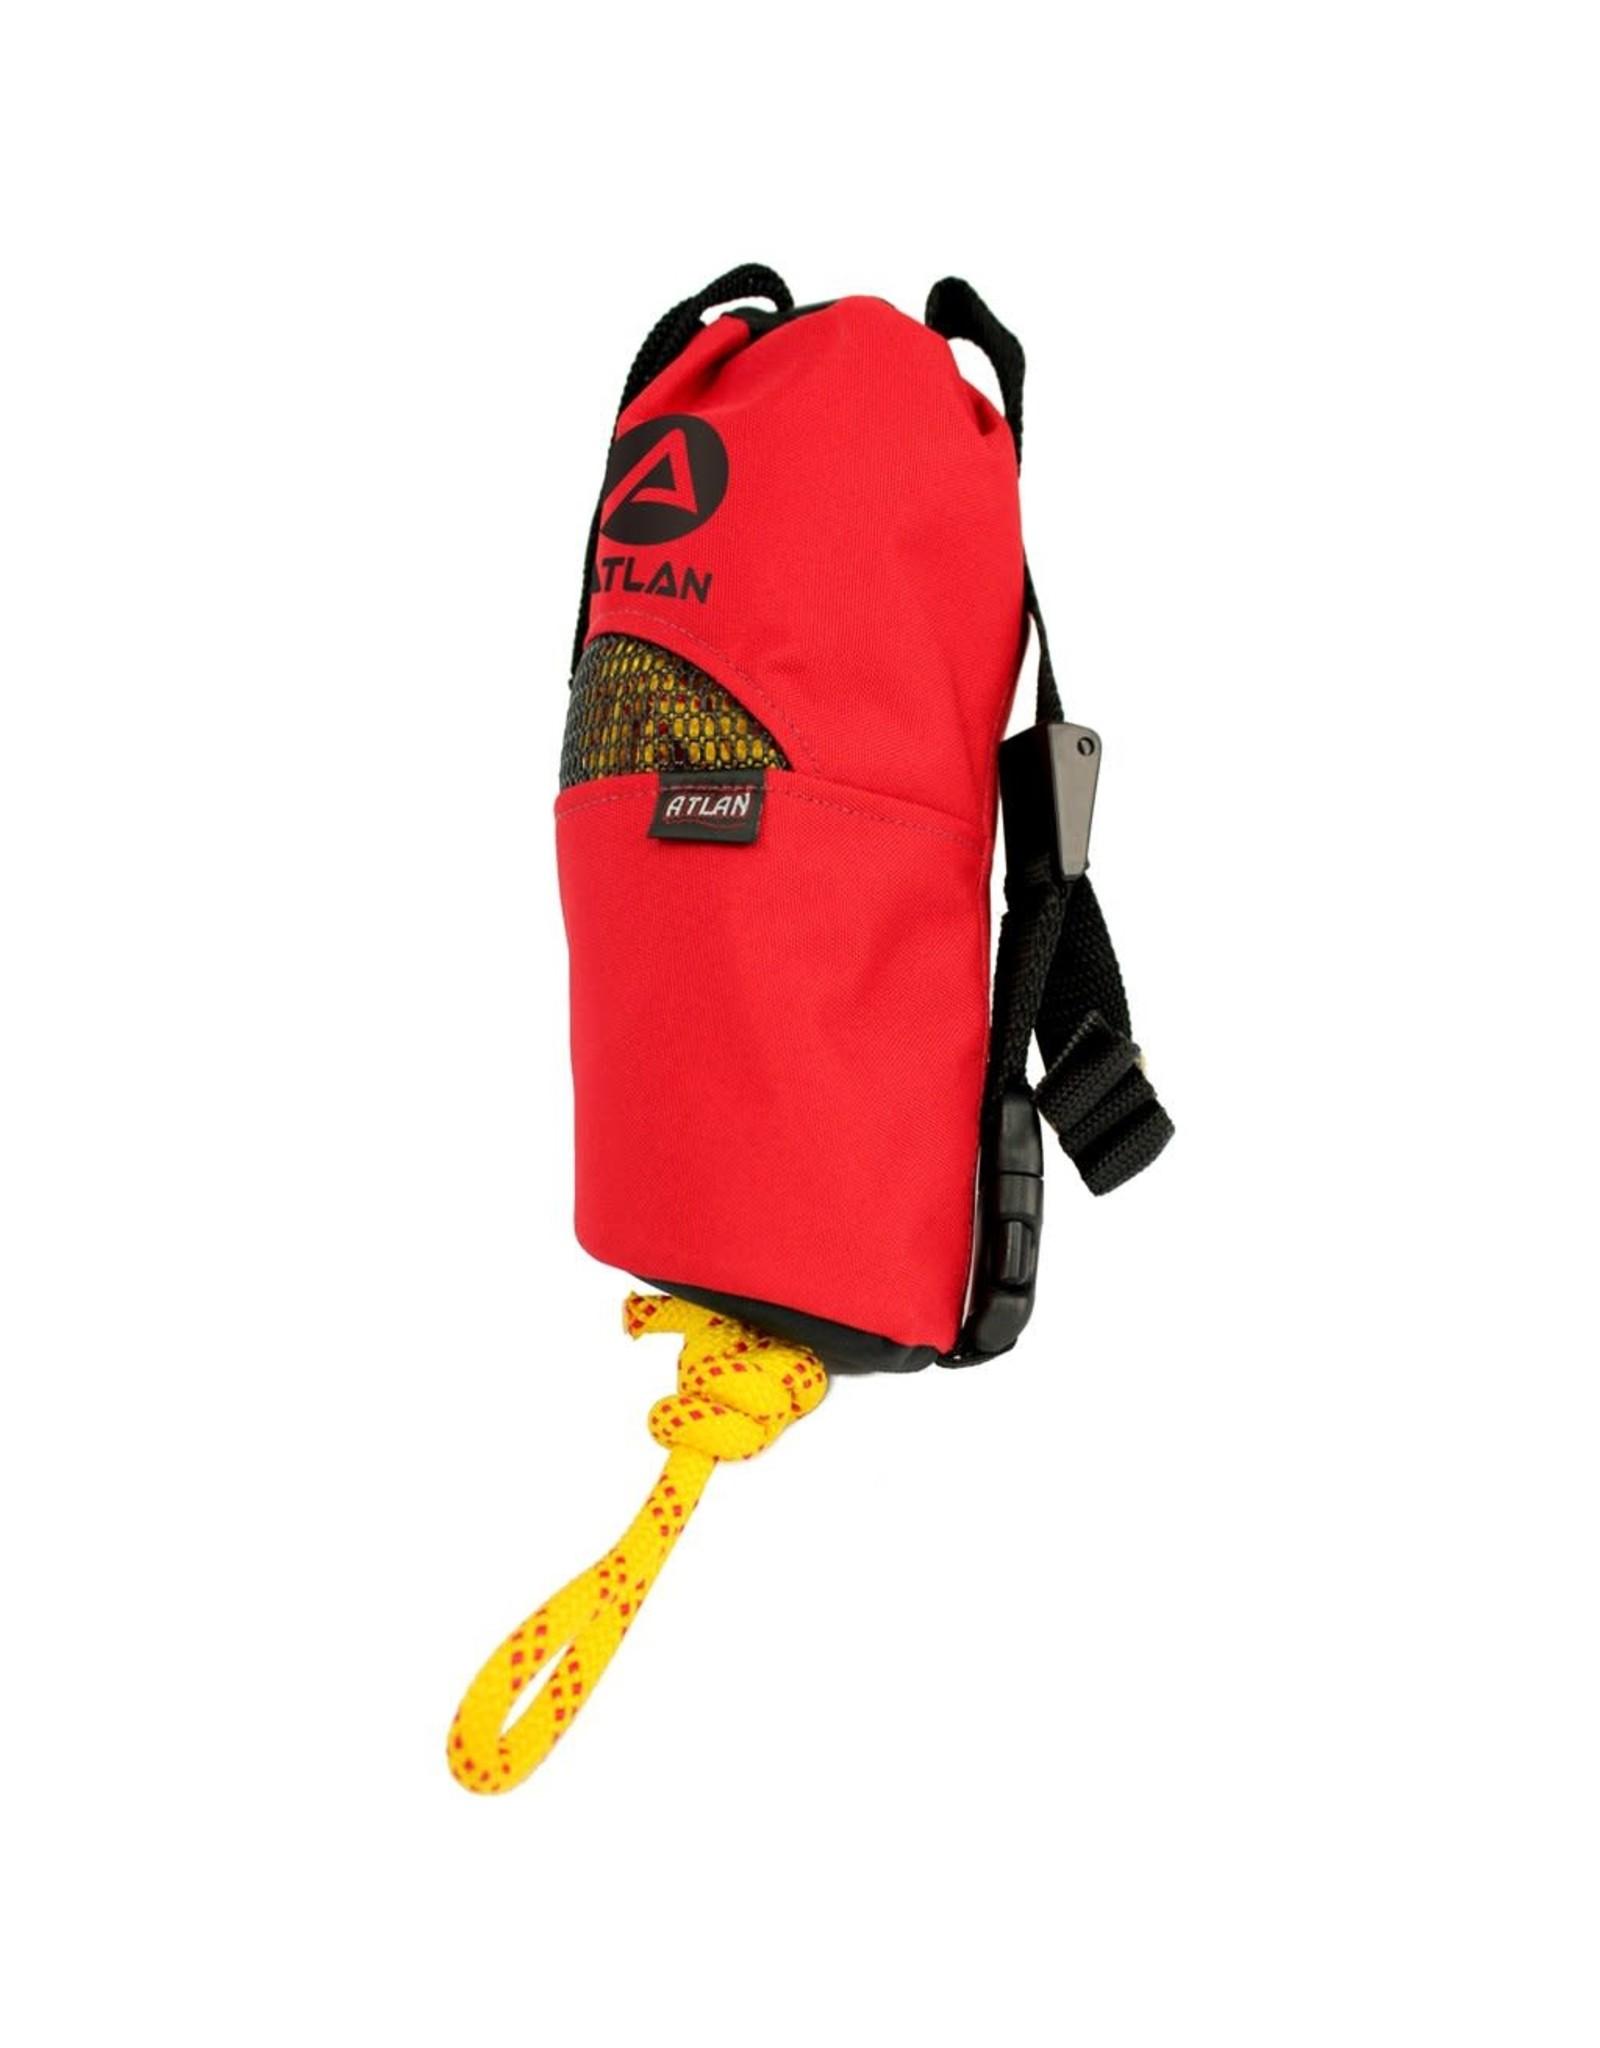 Atlan Atlan Conical Throw Bag, 50 ft of 7.9mm Rope Single Braiding